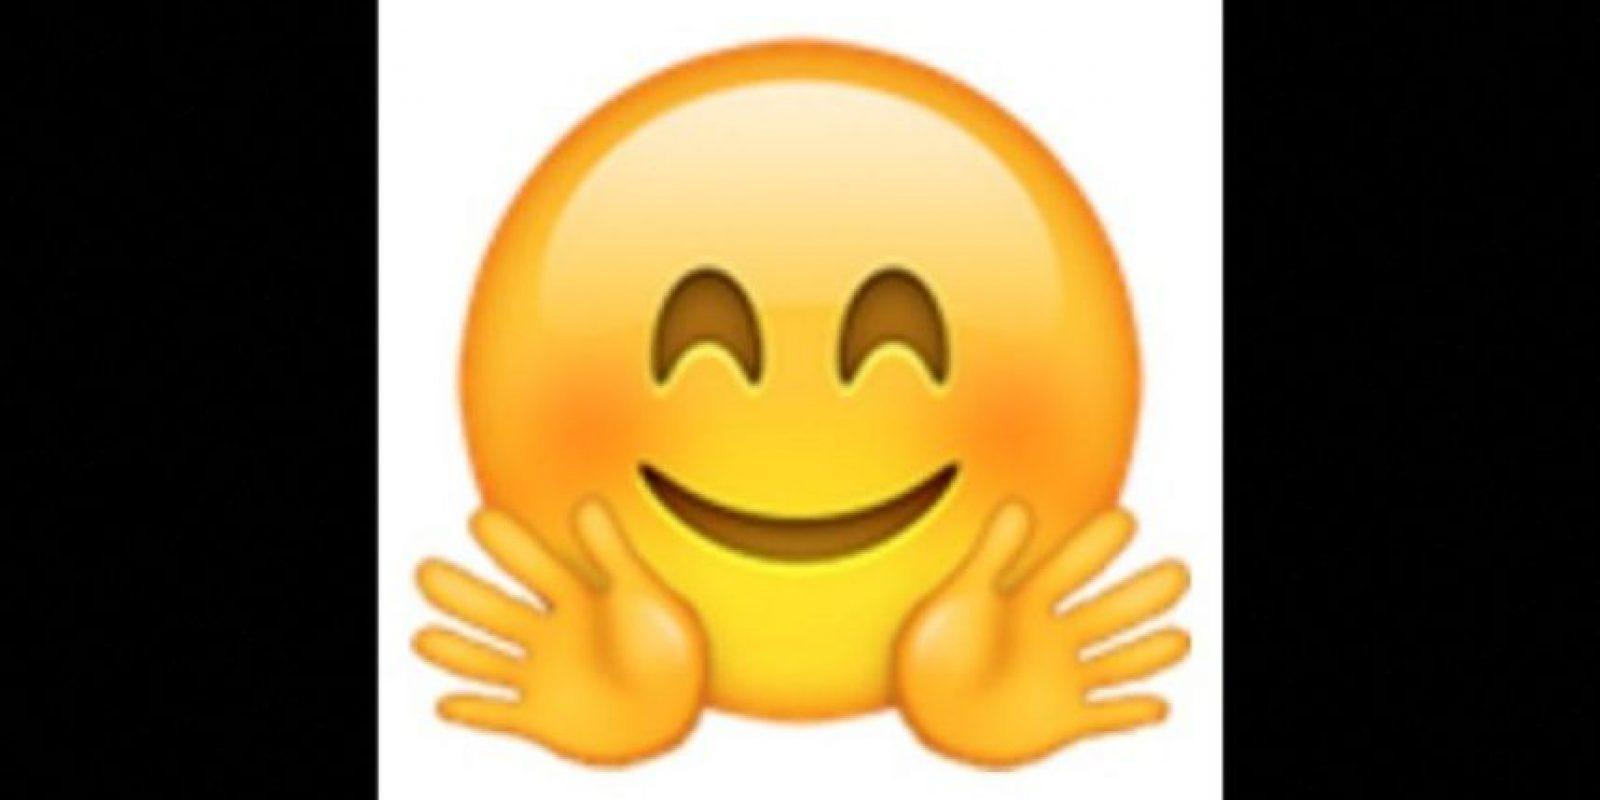 Una gran cantidad de usuarios mostraron su alegría por las divertidas imágenes Foto:Vía emojipedia.org